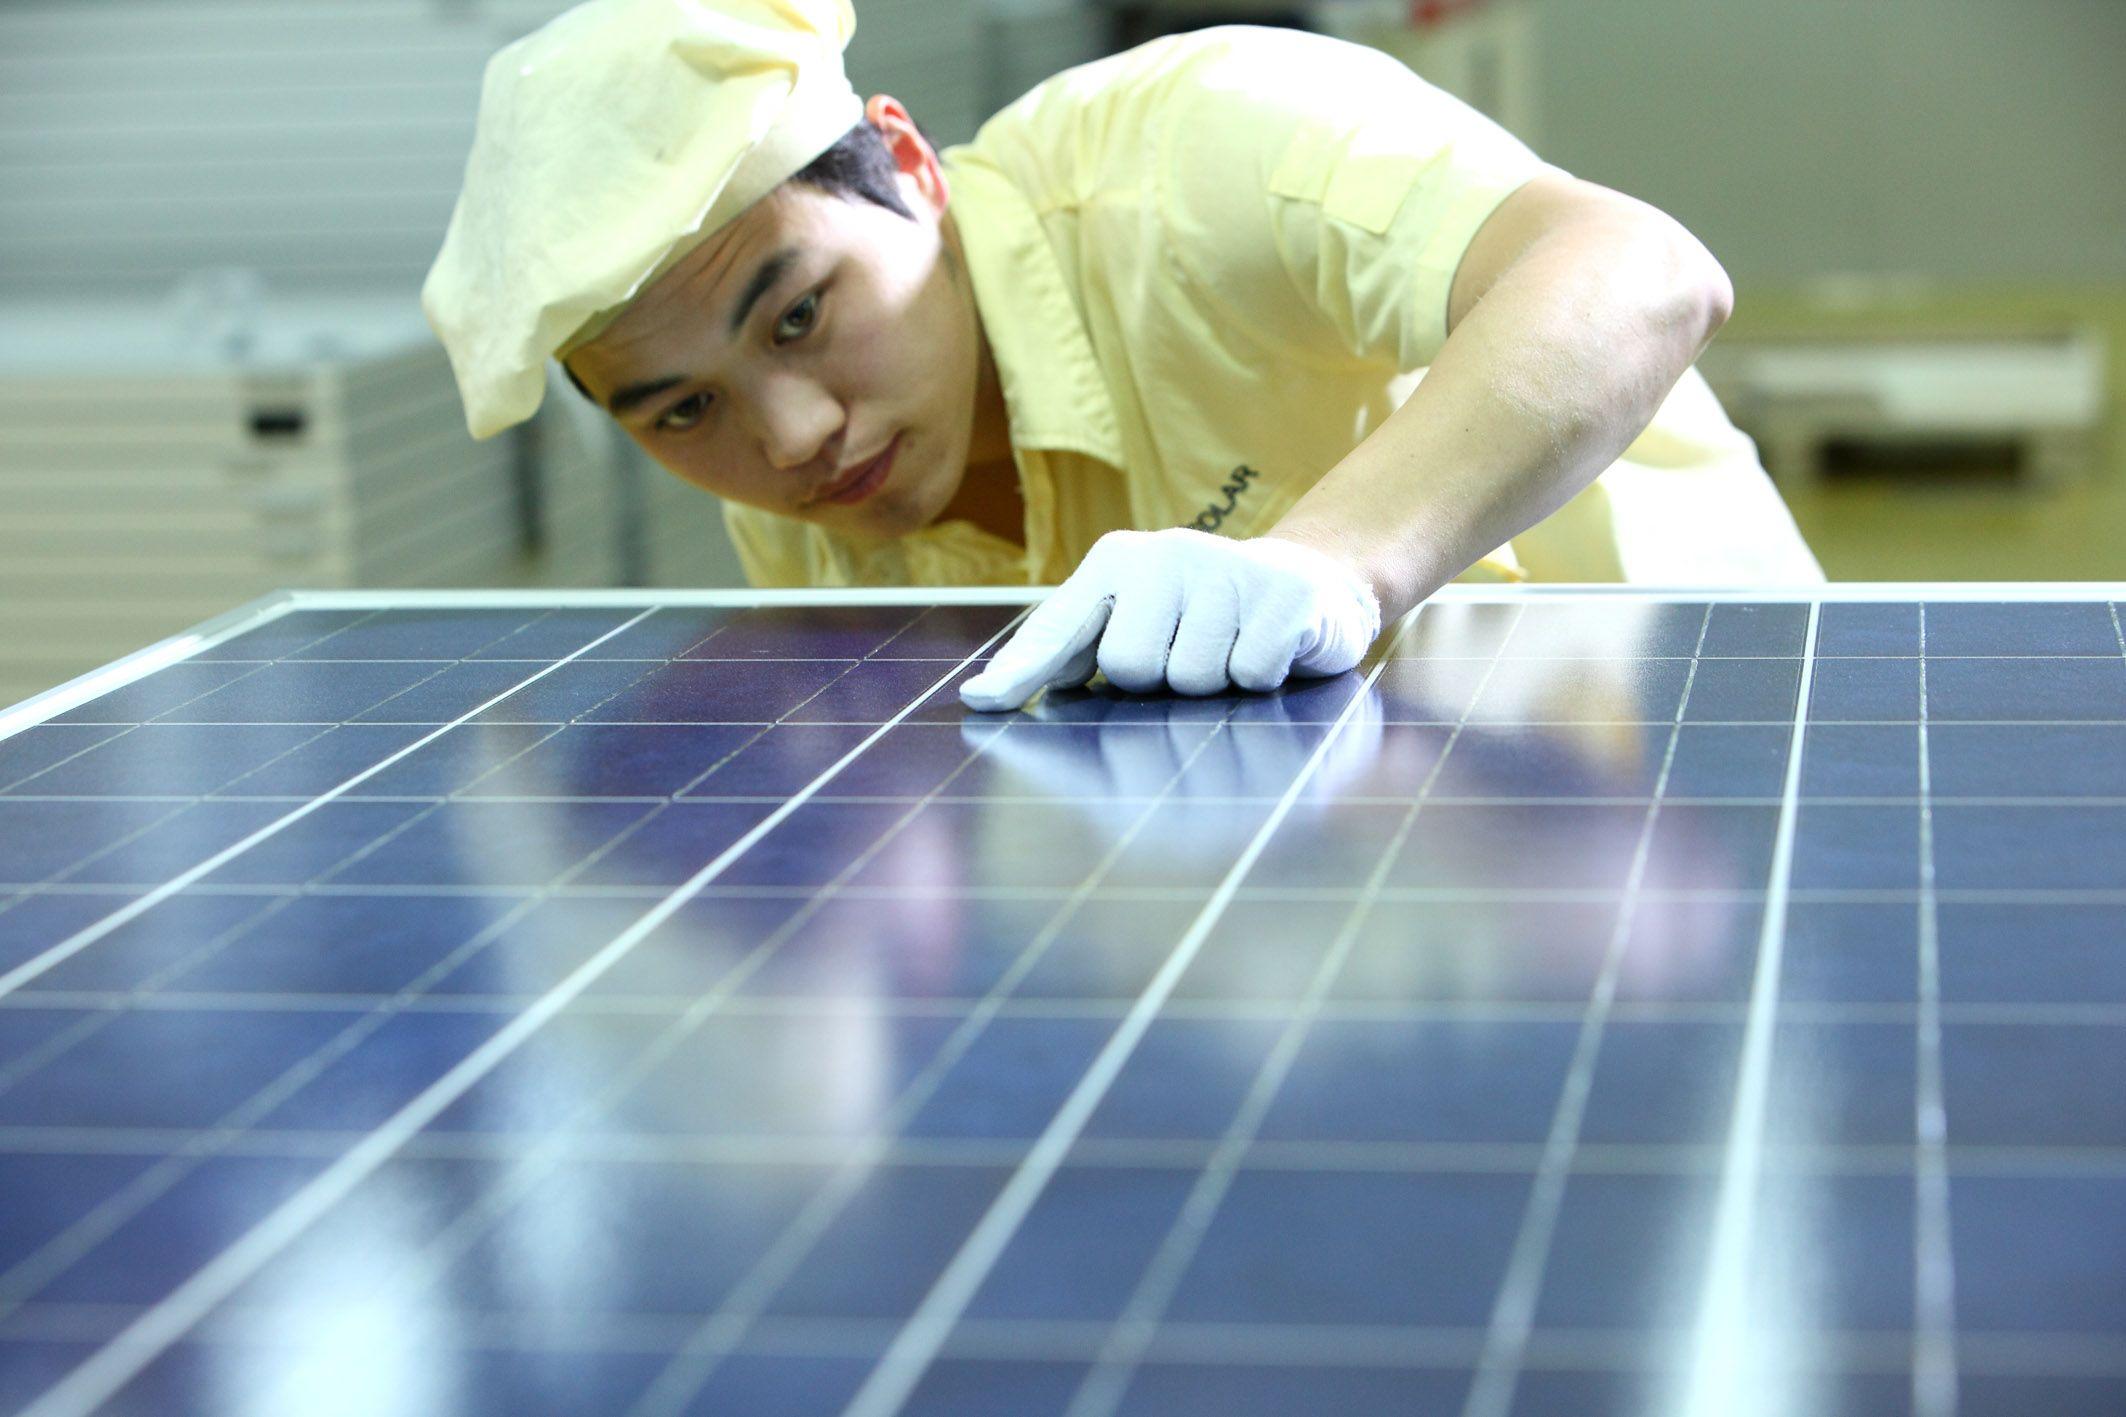 Solarmodulfarbik in China: JA Solar und andere Solarmodul-Hersteller aus China haben ihre Produktion stark ausgebaut. Diese müssen sie auch auslasten, um profitabel zu wirtschaften.